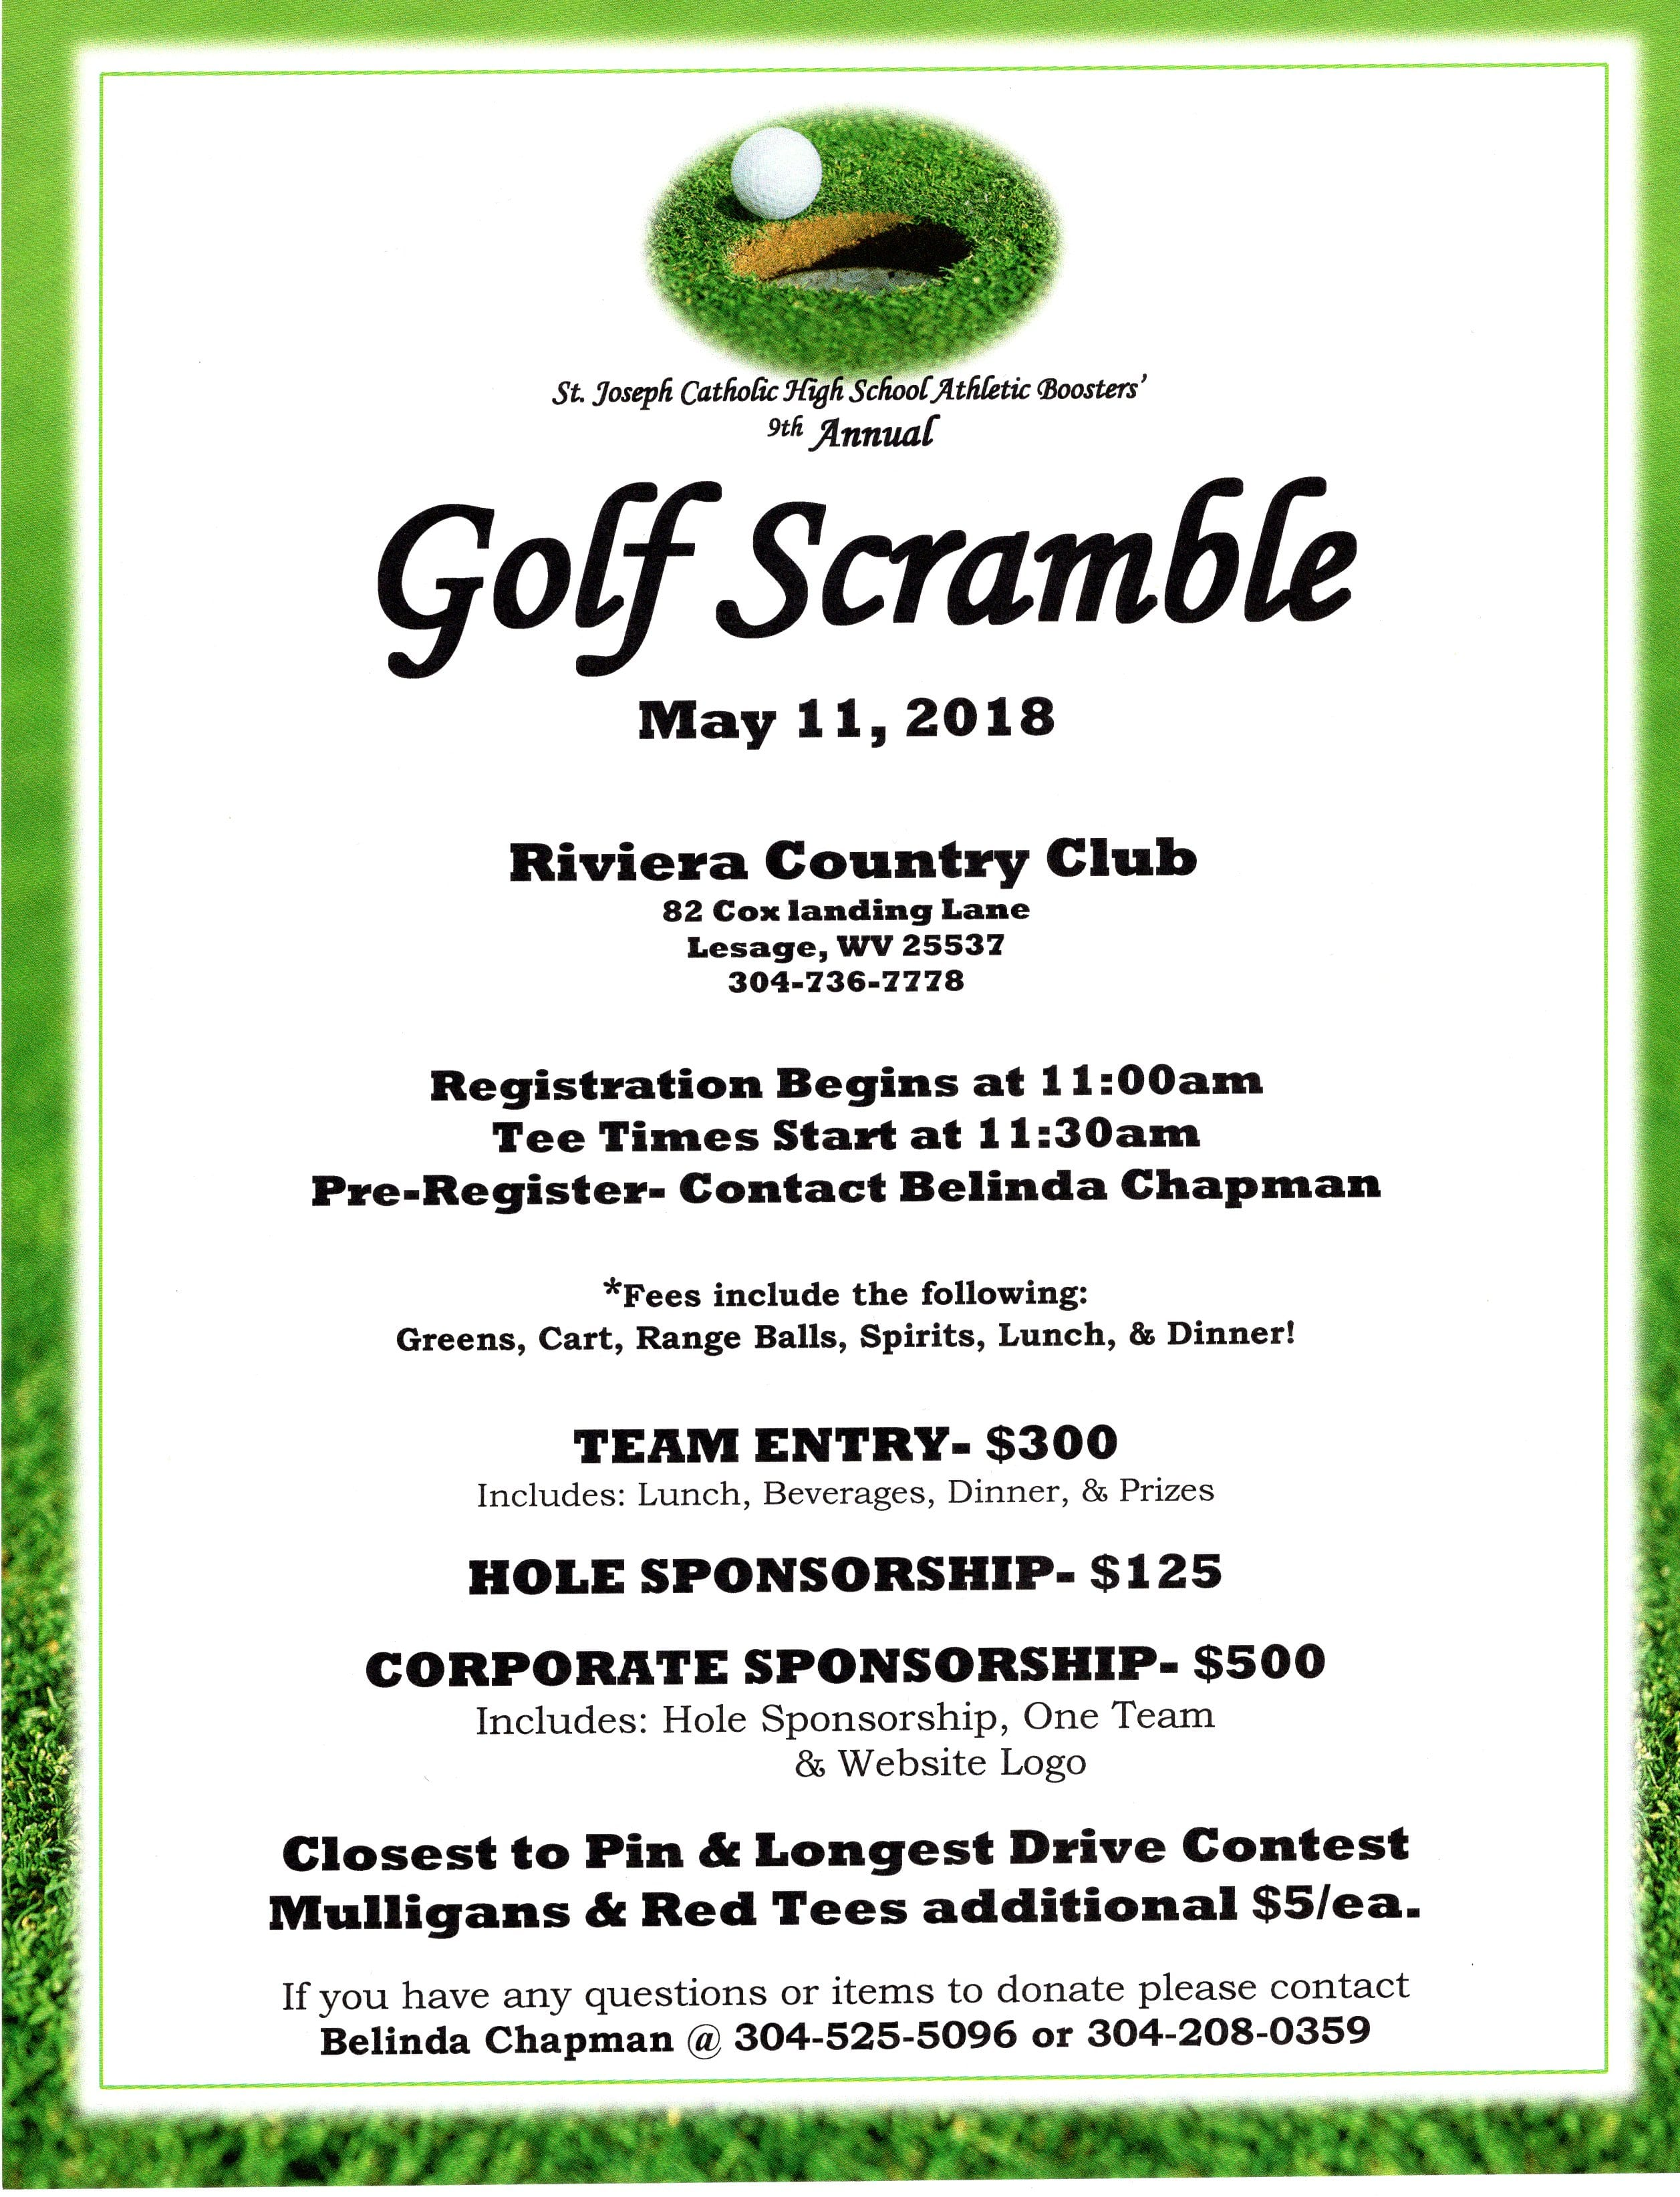 9th Annual Golf Scramble - 5 downloads